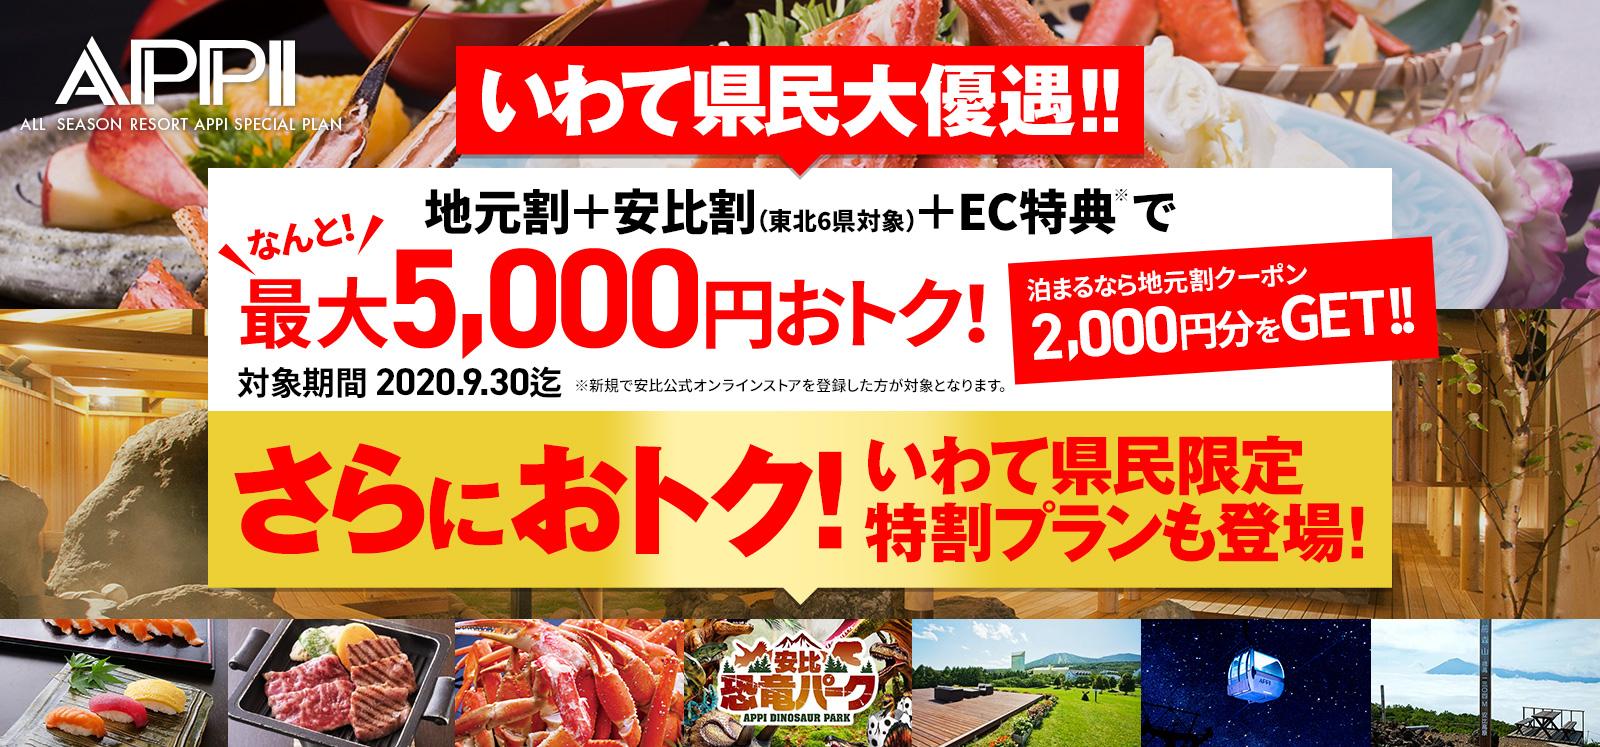 岩手県民限定キャンペーン!「泊まるなら地元割クーポン」ゲットで2,000円引き宿泊!